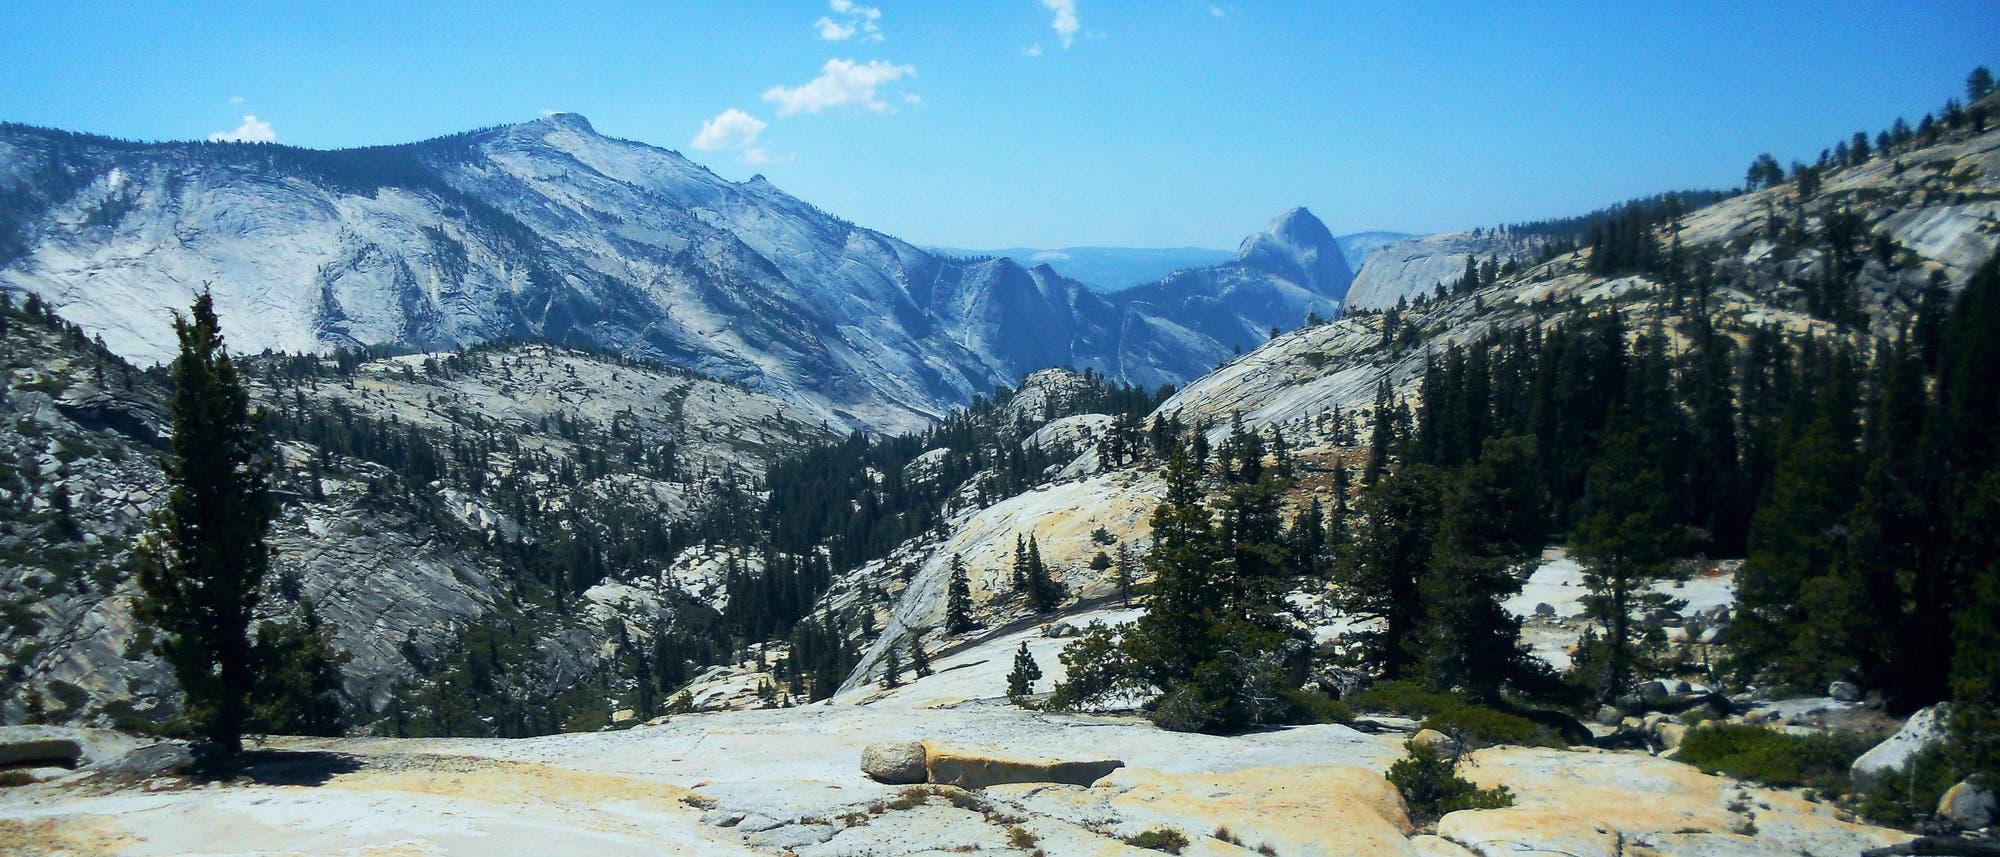 Half Dome in Sierra Nevada